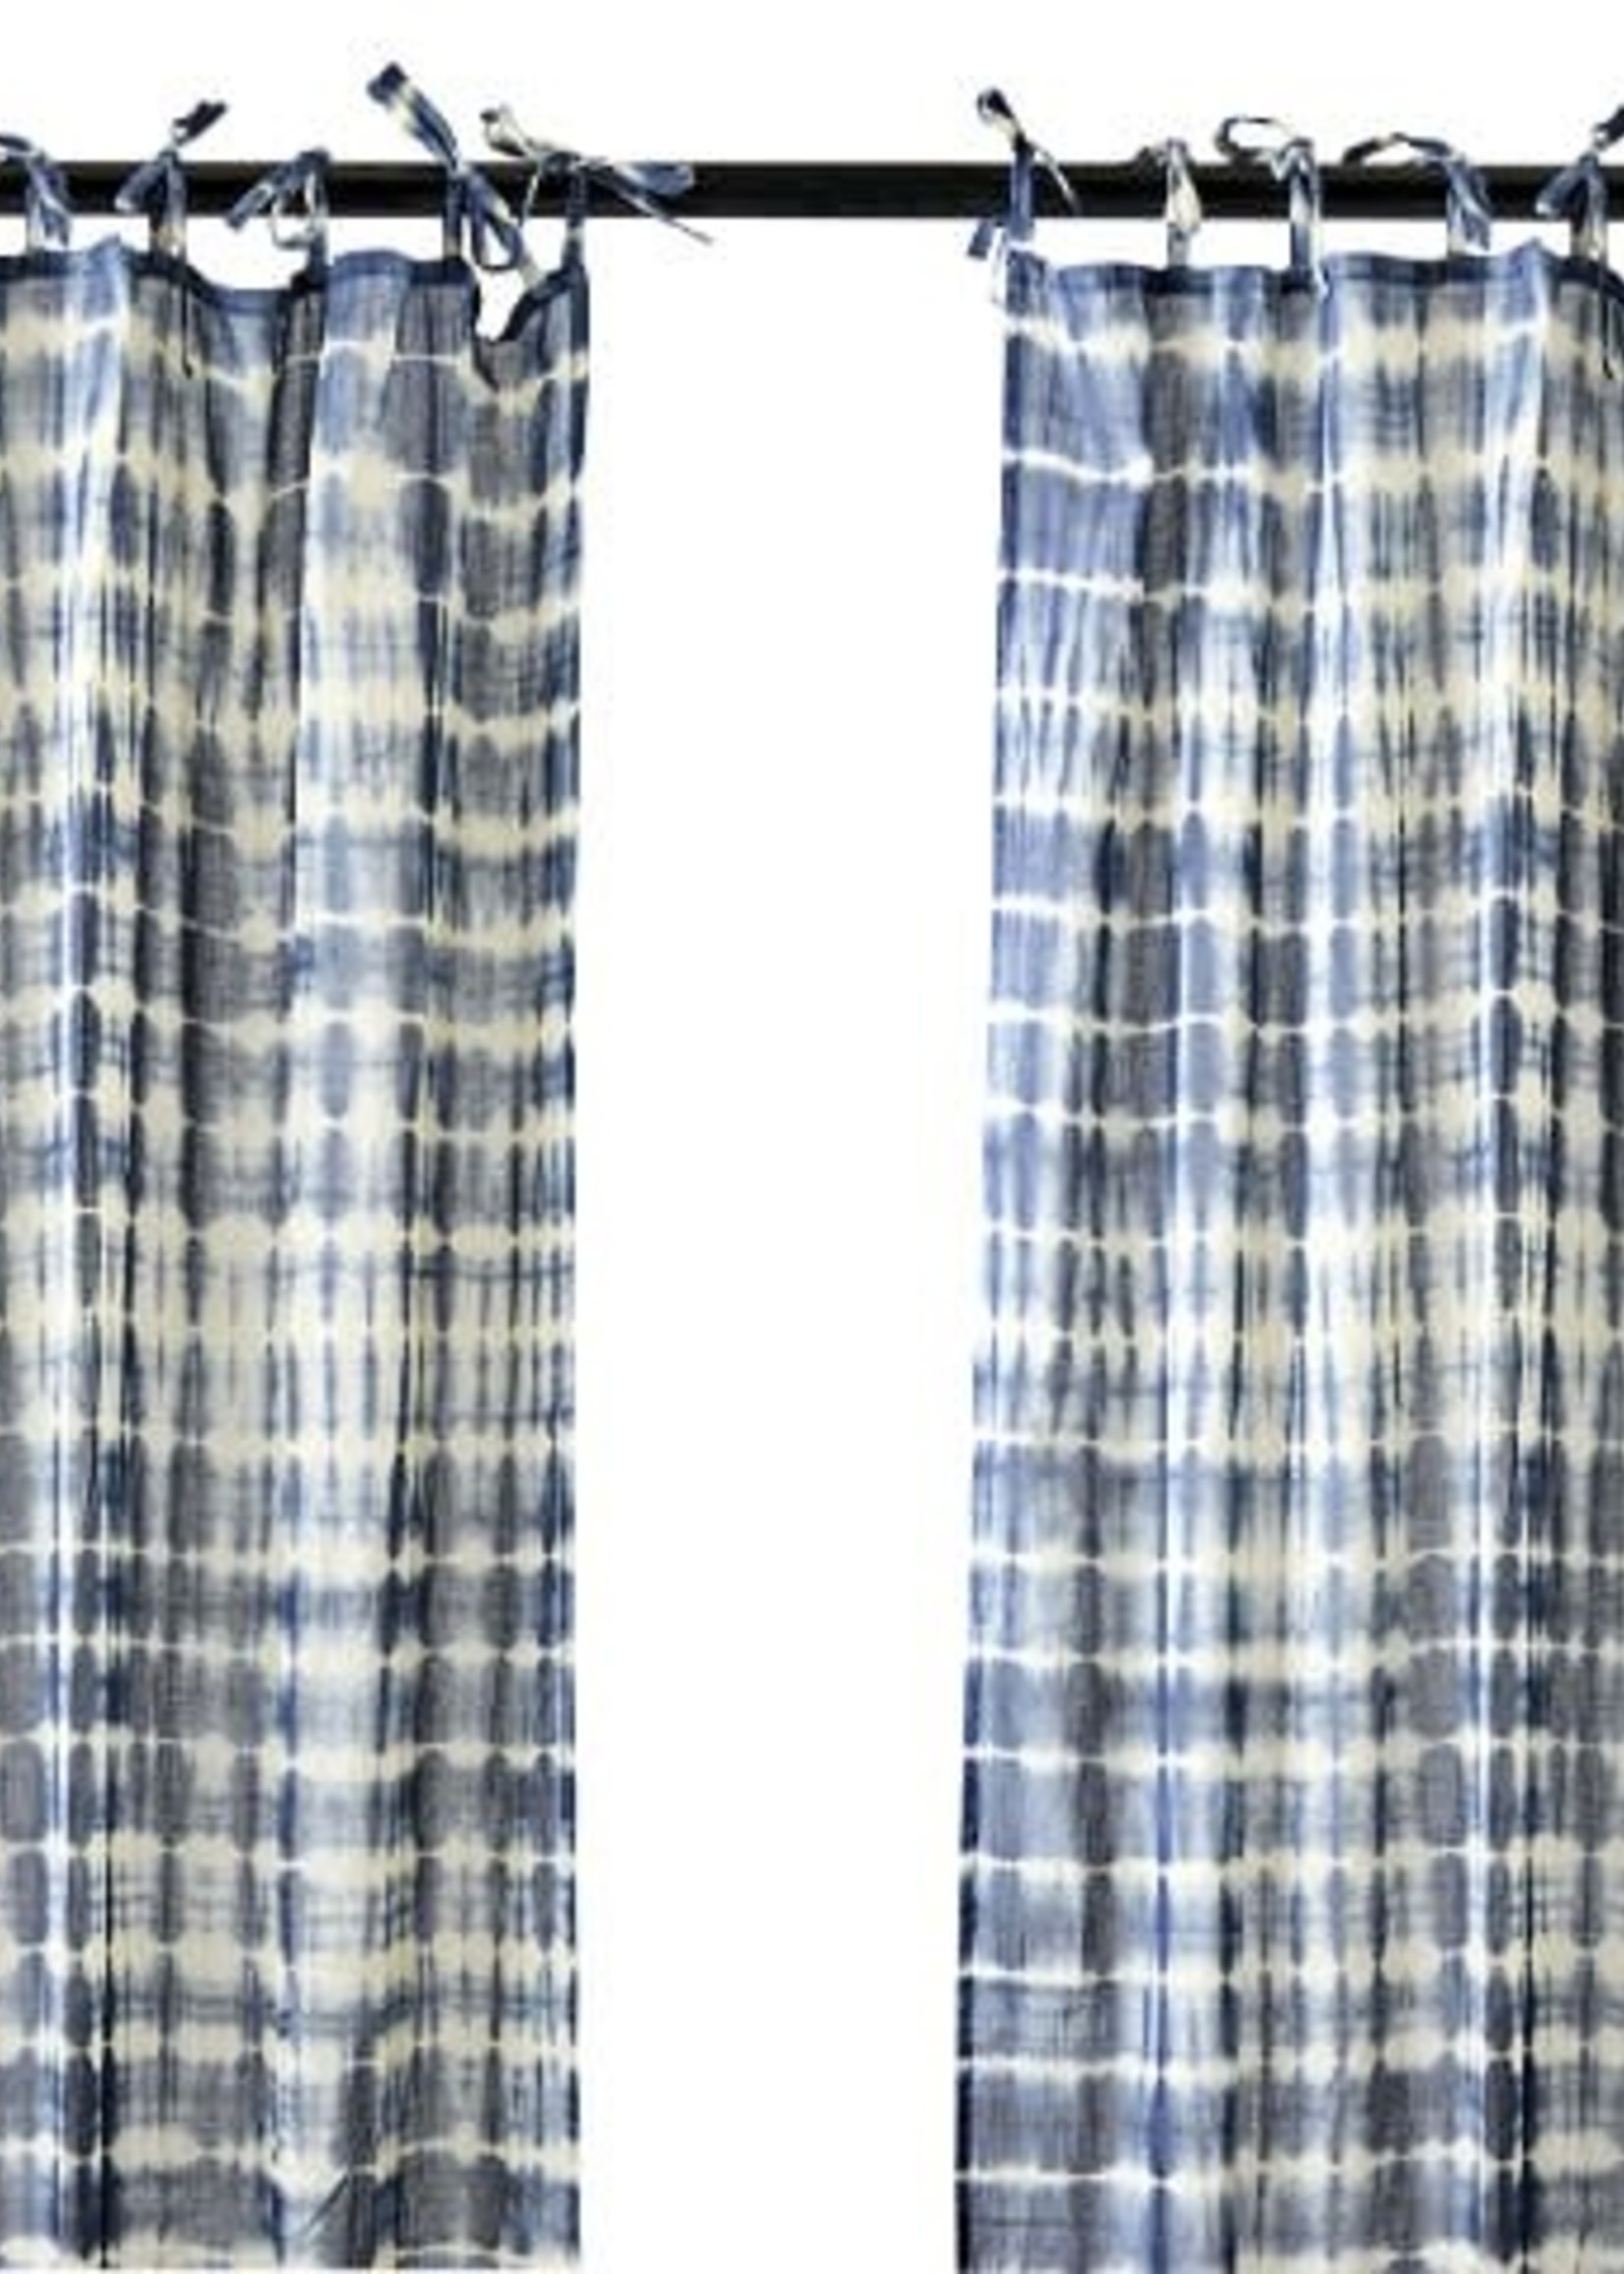 Affari Gordijnen Tie dye BLAUW 100x250cm